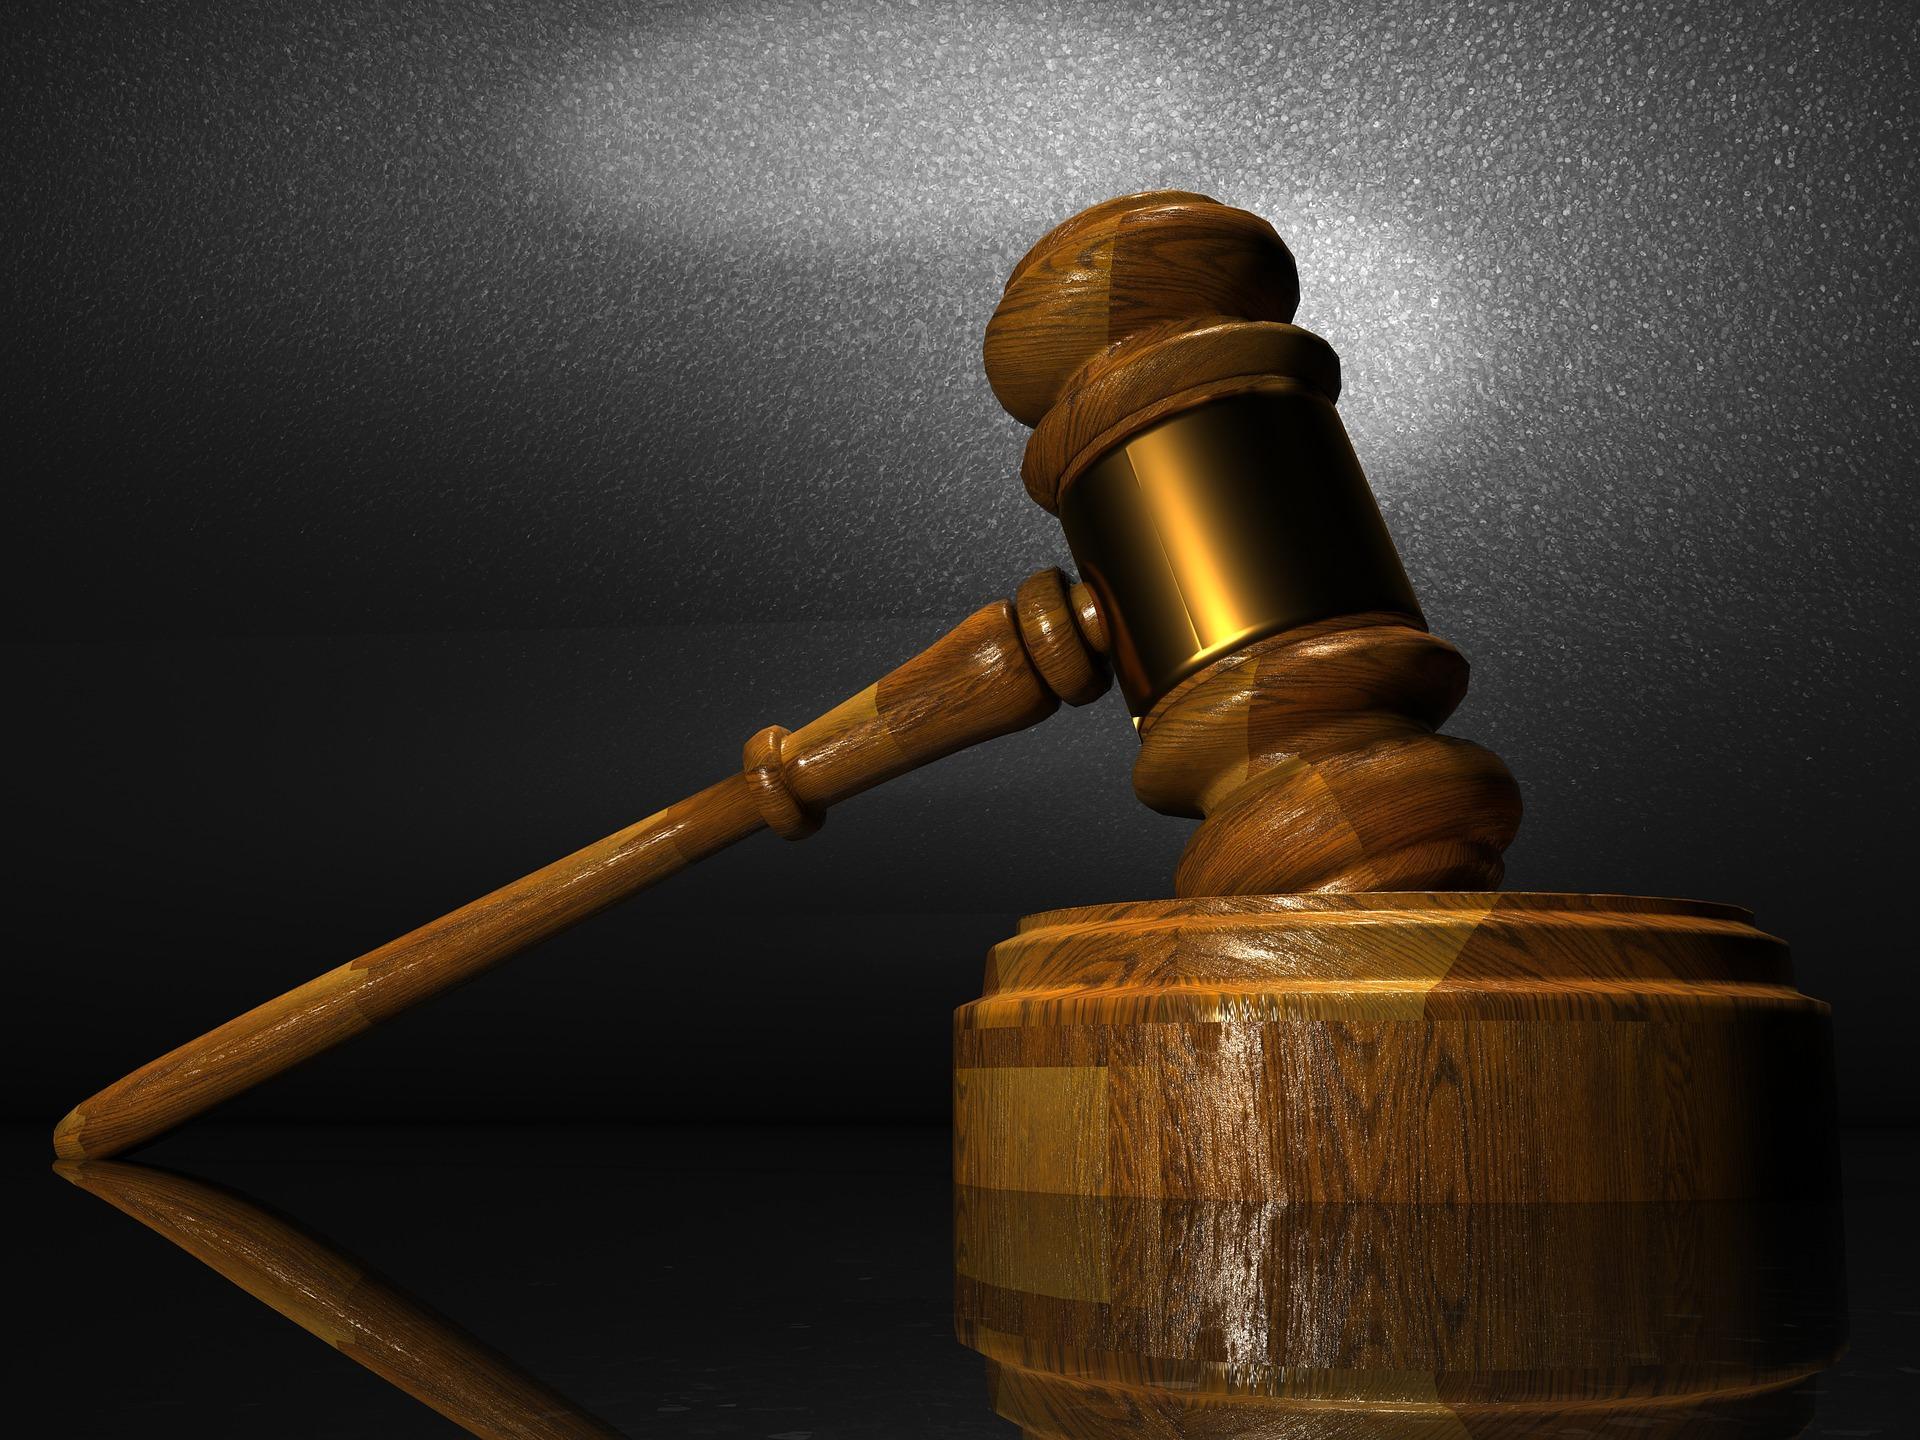 Tegenstrijdige verhalen in rechtszaak tegen verdachten van zeer gewelddadige ontvoering van Purmerender